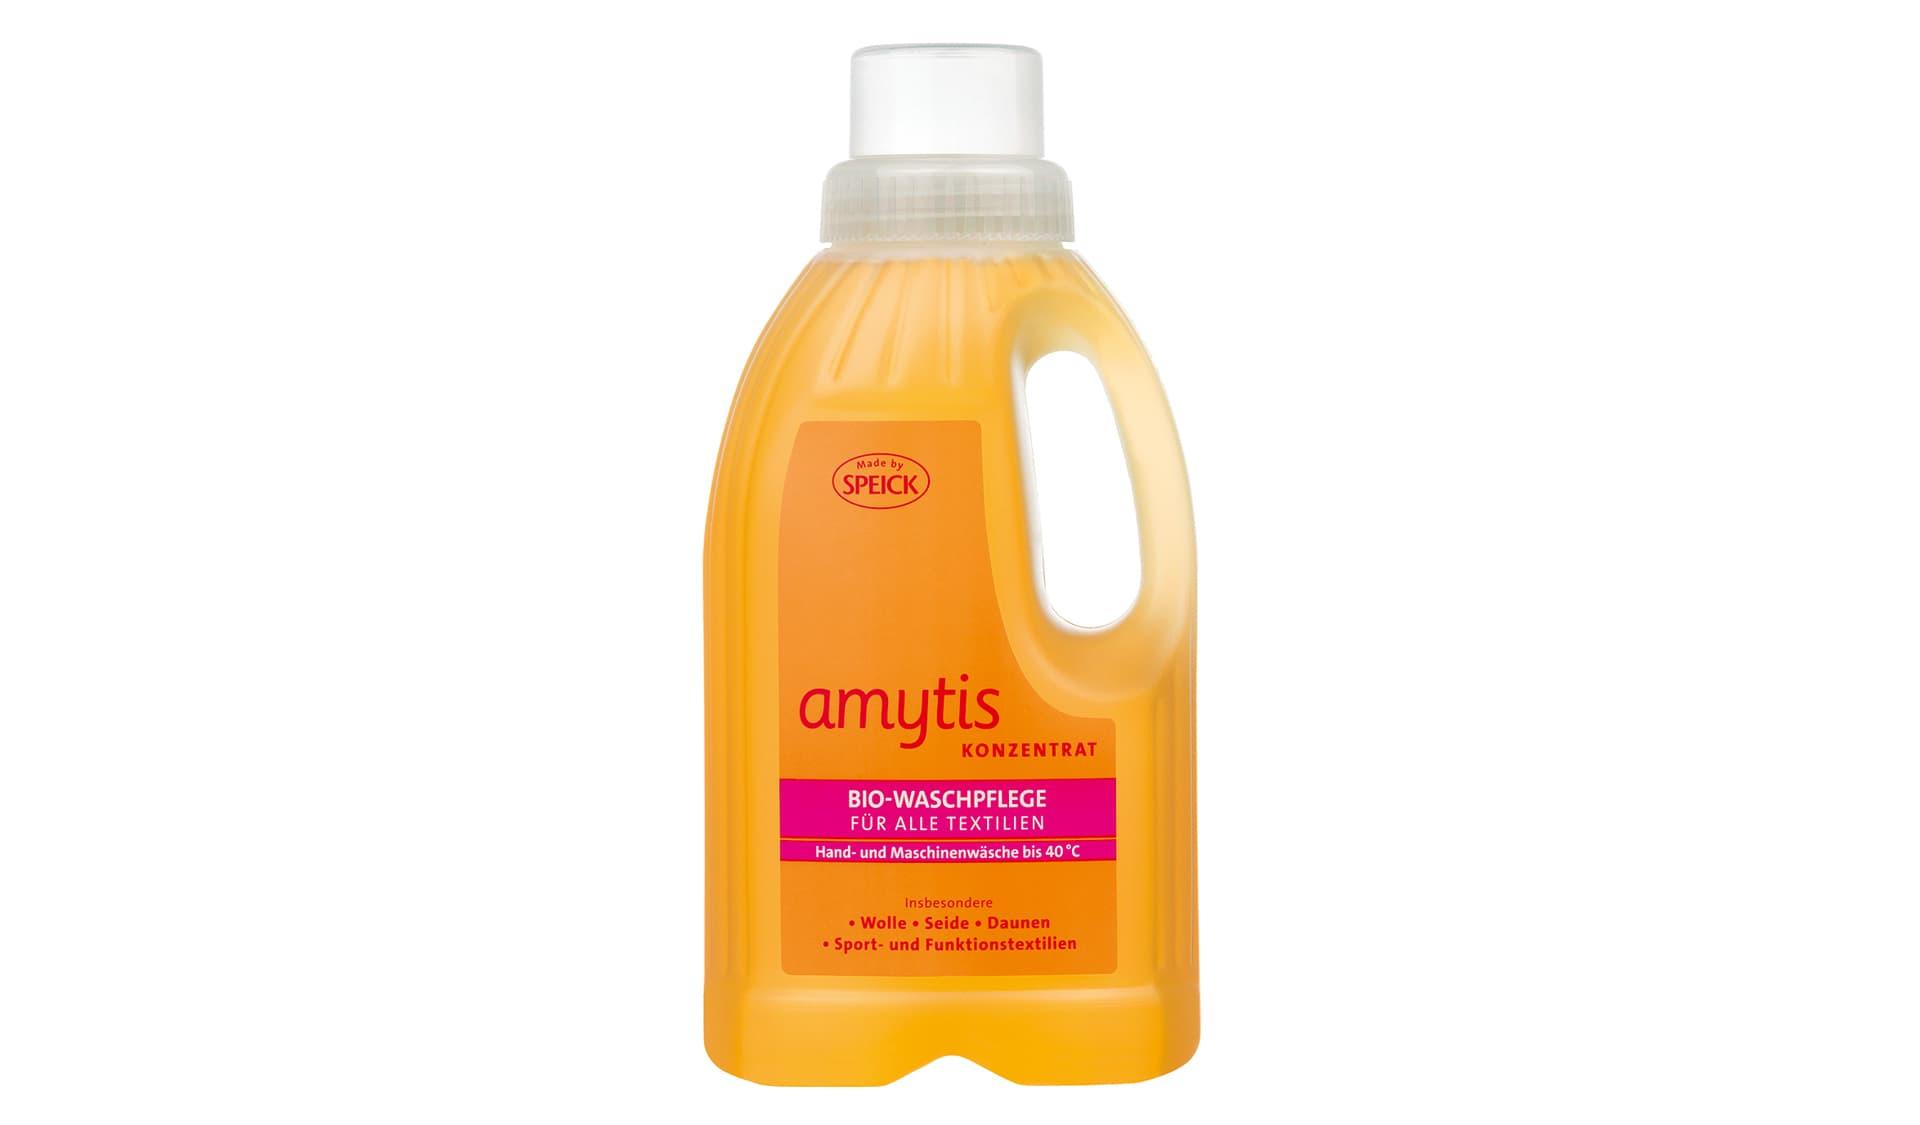 Speick (www.speick.de) Amytis Bio-Waschpflege